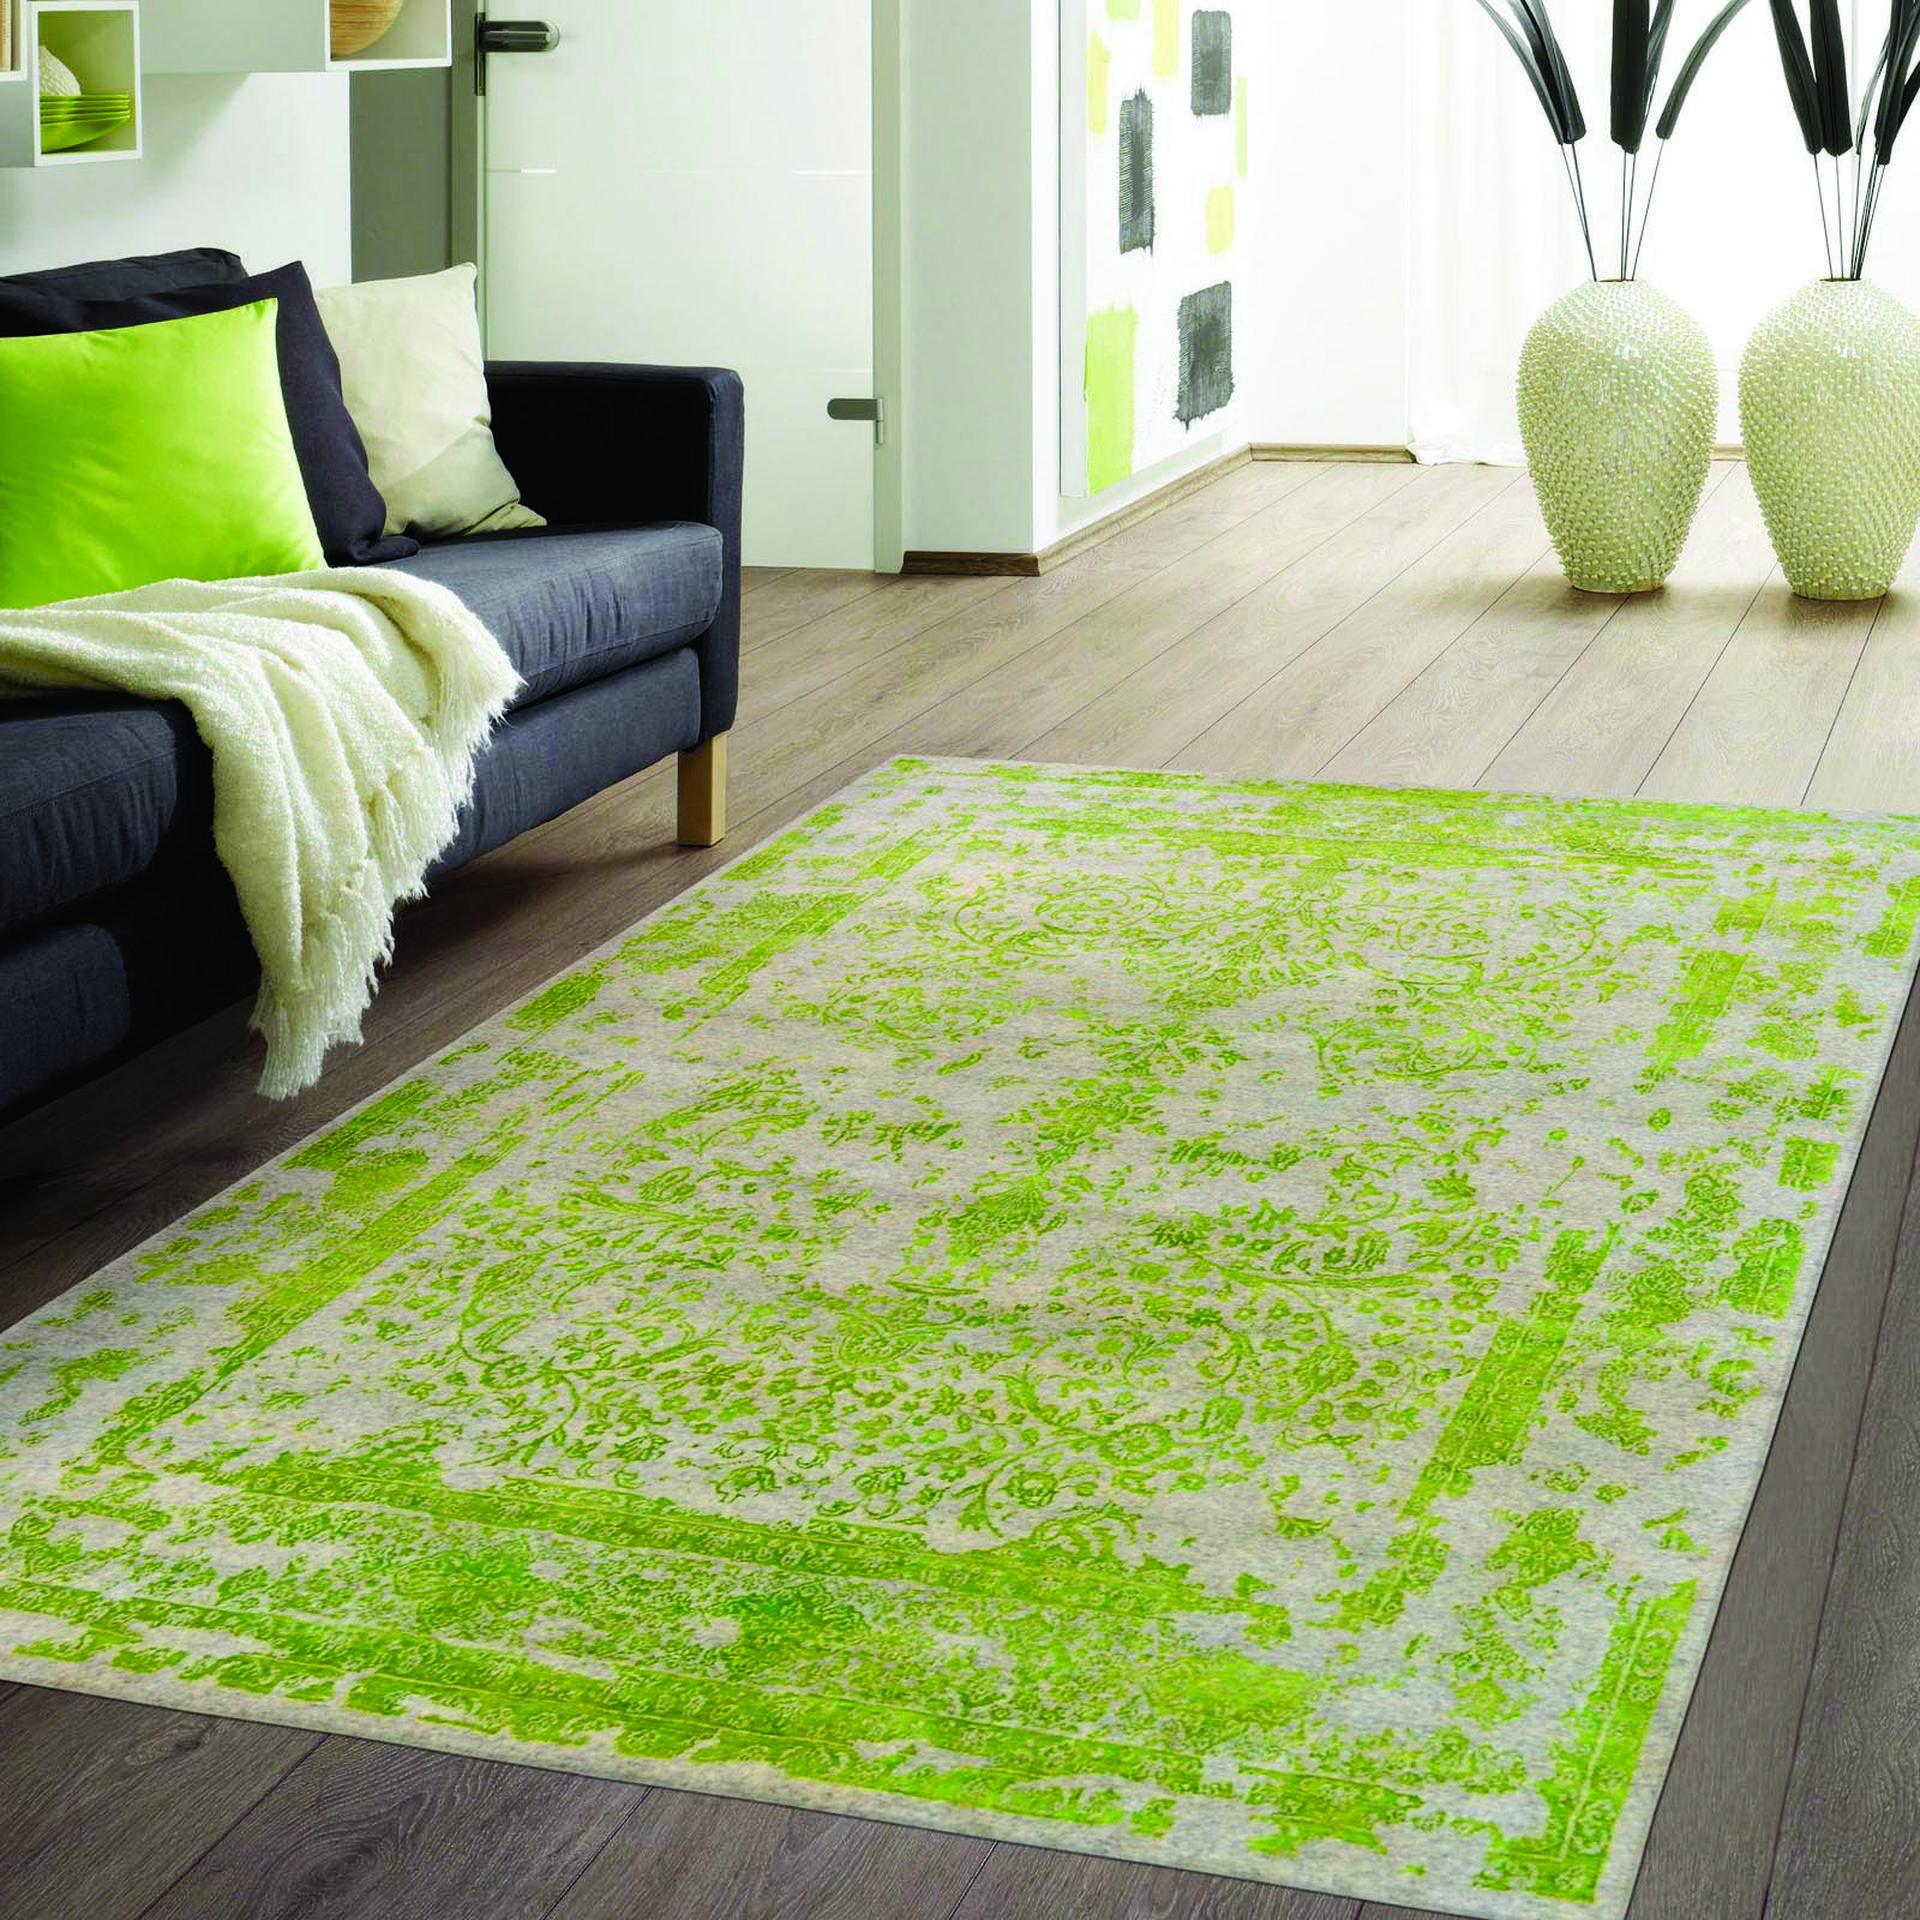 שטיח בגוון פסטל ירוק. צמר שטיחים יפים